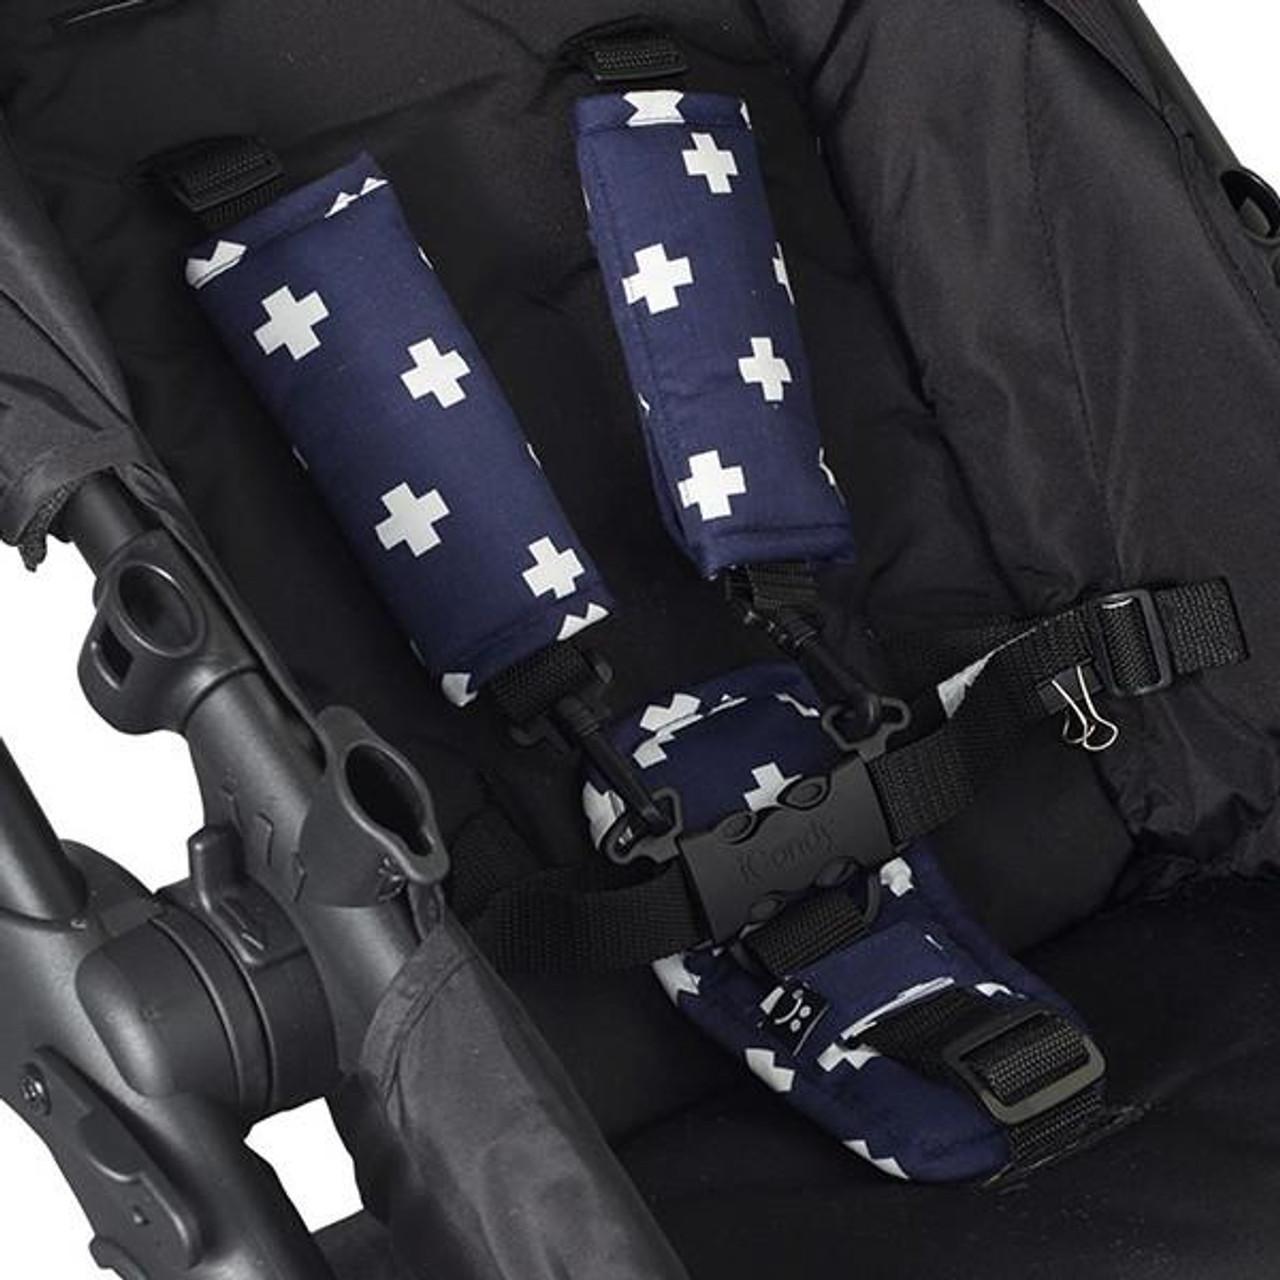 Outlook  Pram Harness Cover Set